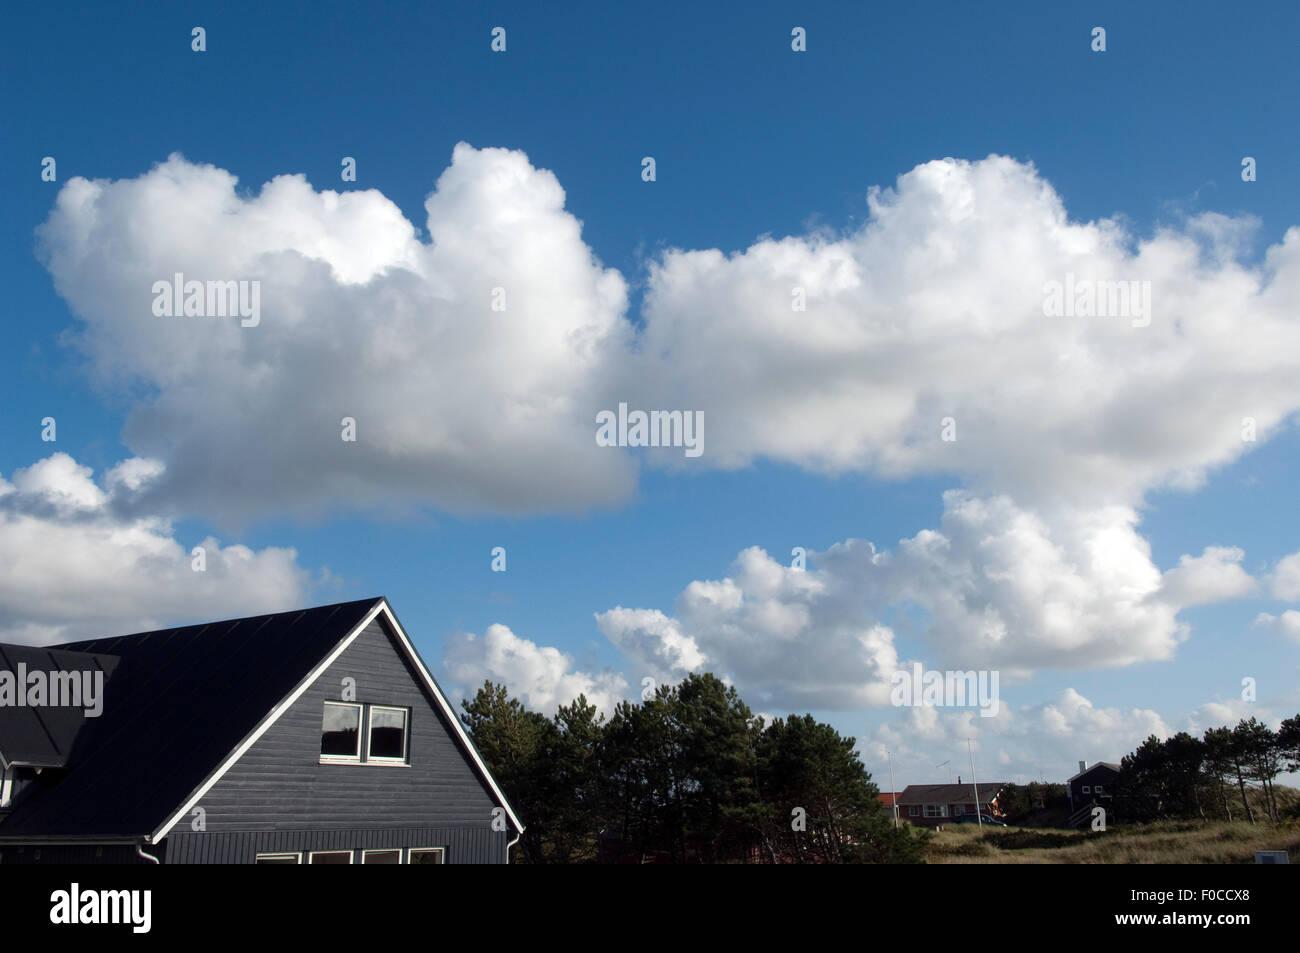 Wolken, Blau Konvektionswolken Stockbild